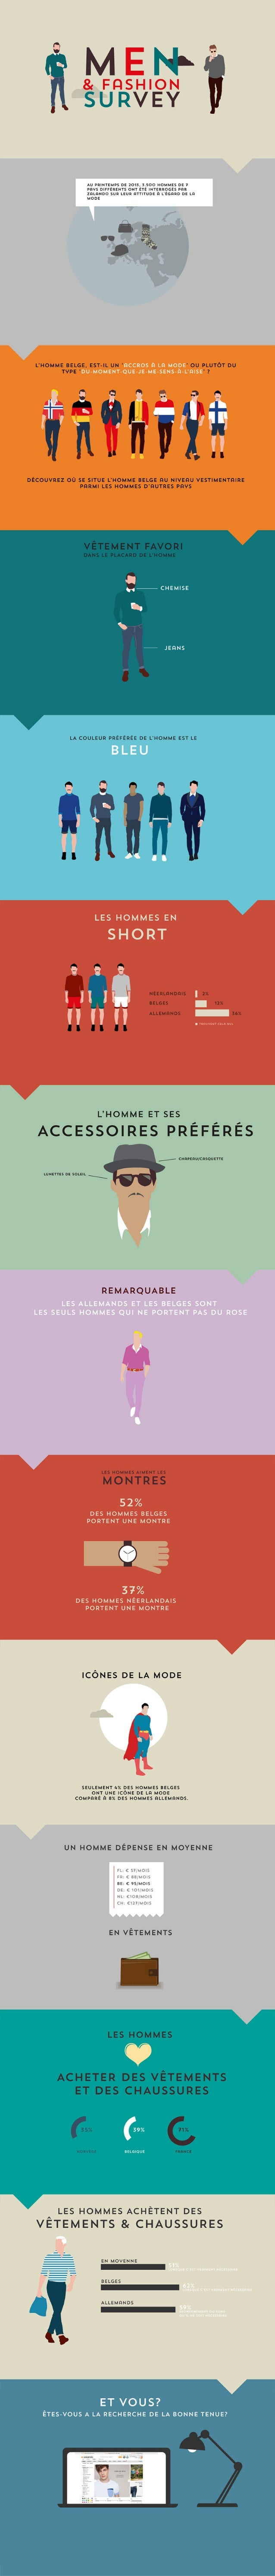 Infographie - les Hommes & la Mode - ZALANDO